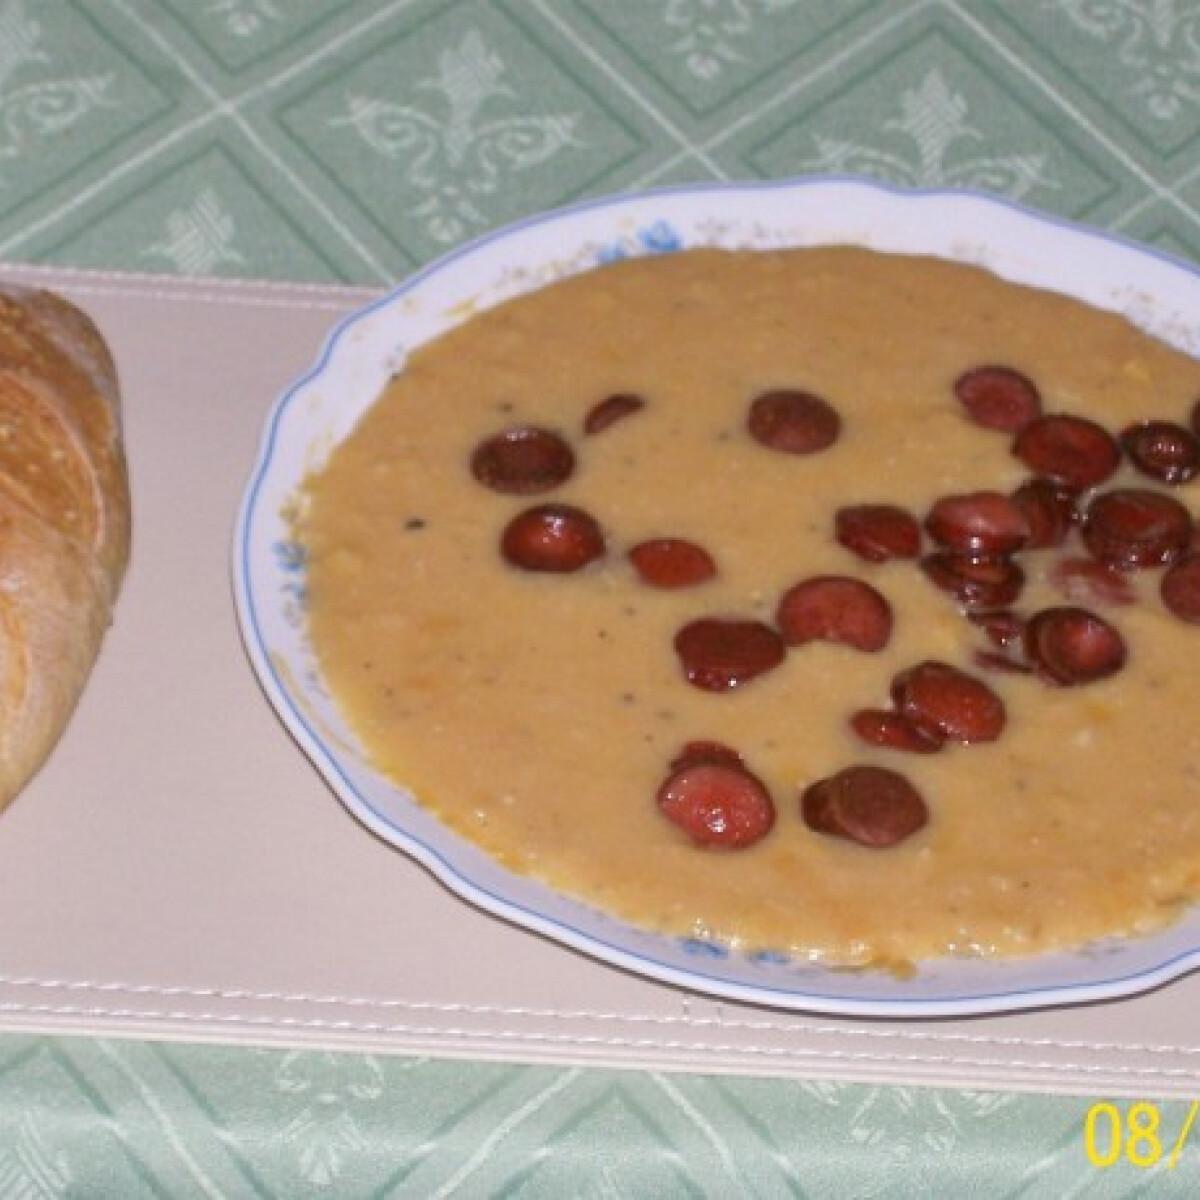 Ezen a képen: Sárgaborsó-főzelék pirított virslikarikákkal